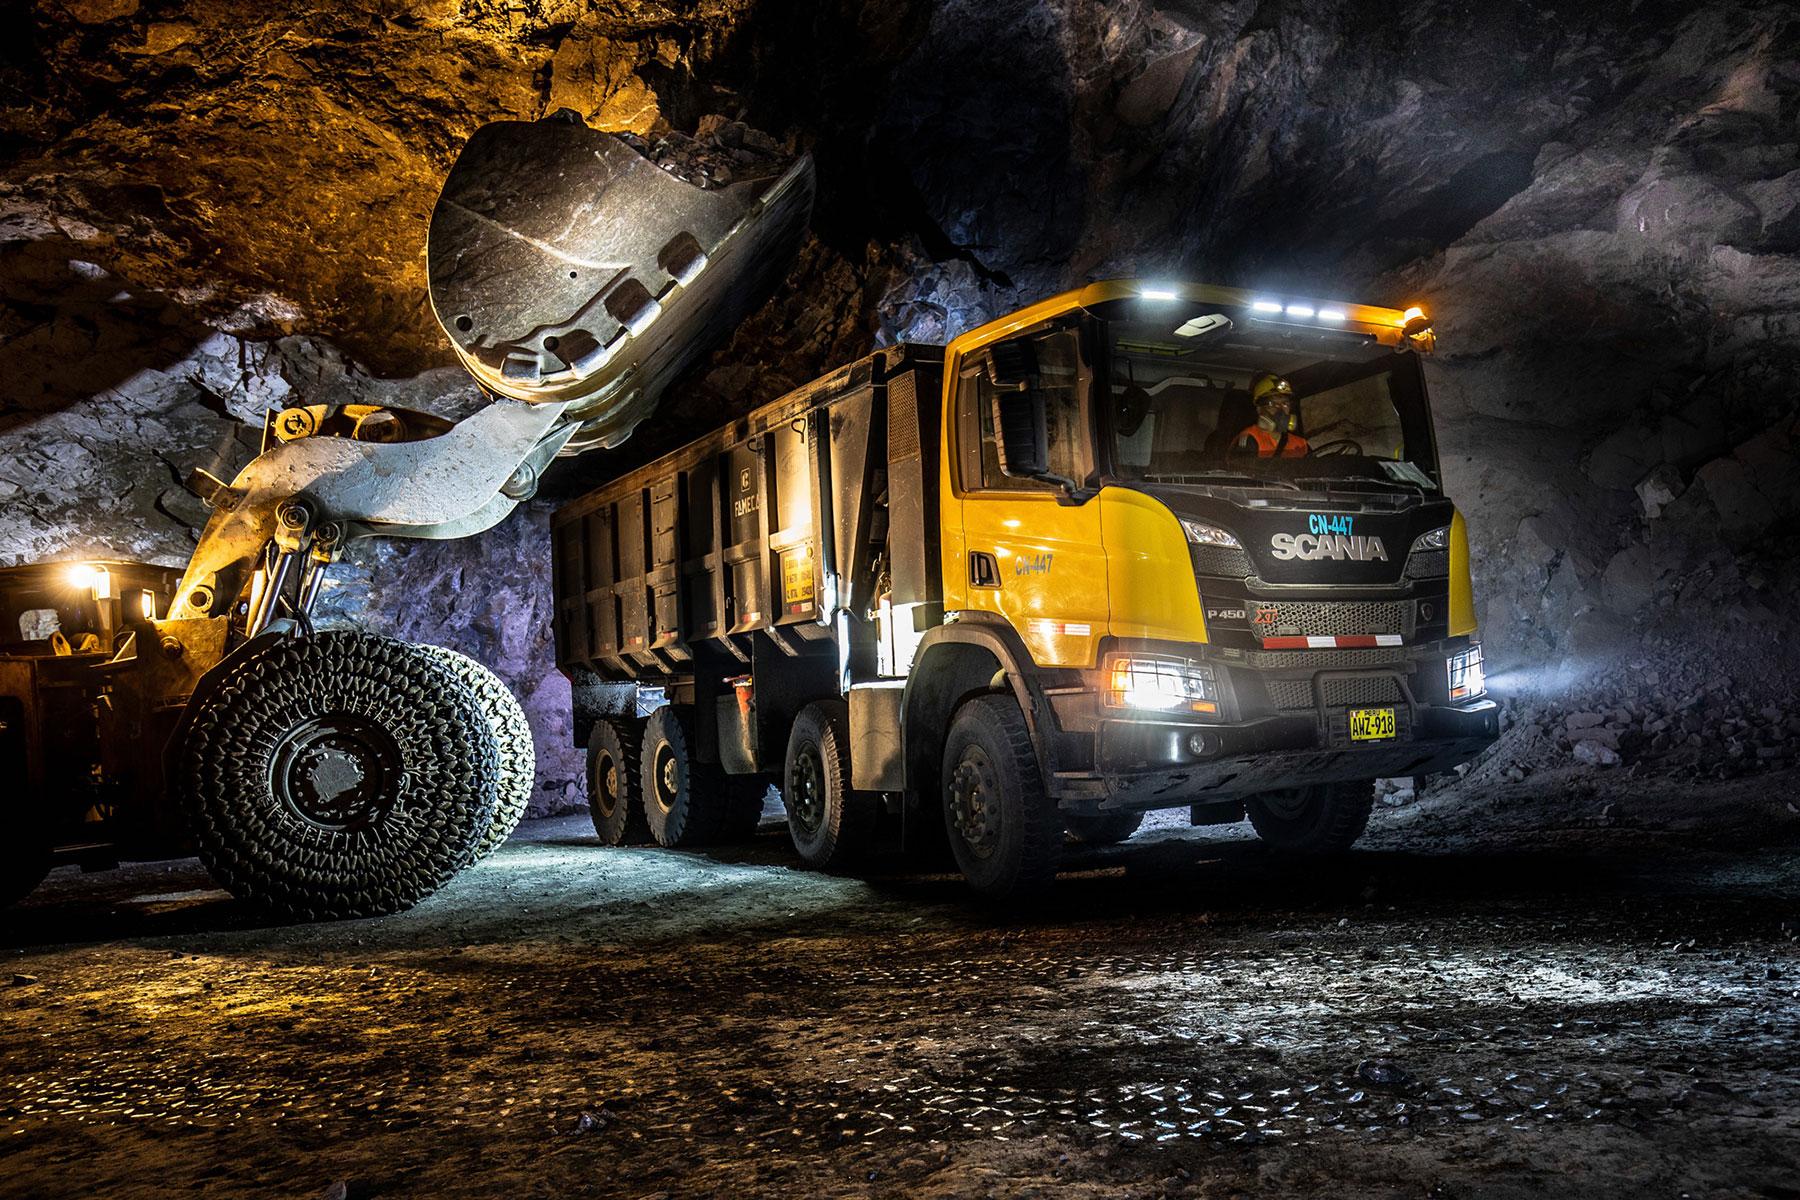 革新の文化を継続してきた「スカニアトラック117年の歴史」VOL.04〜2000年代から現代まで〜